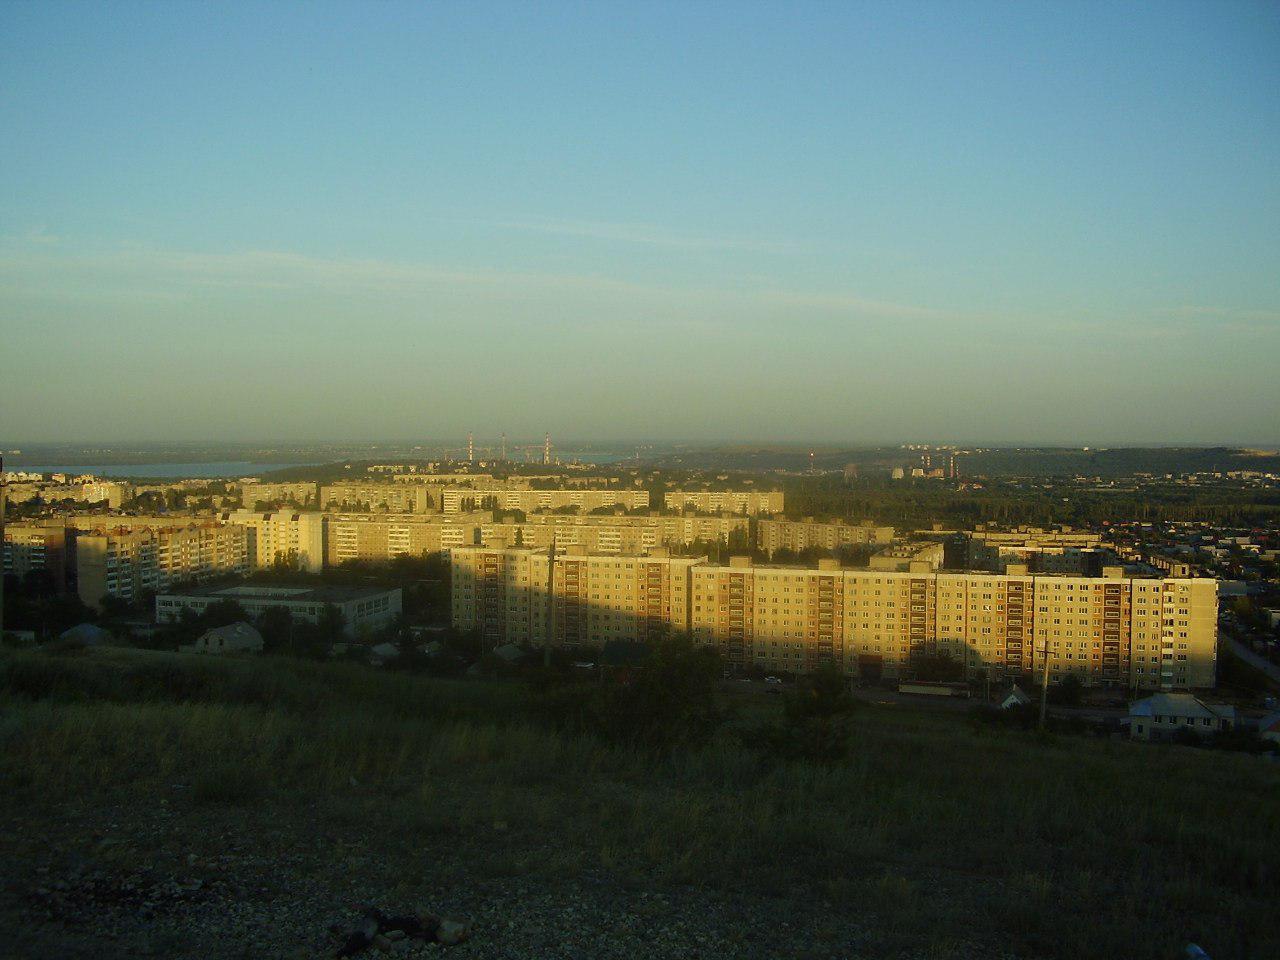 поселка Комсомольский Заводского района города Саратова